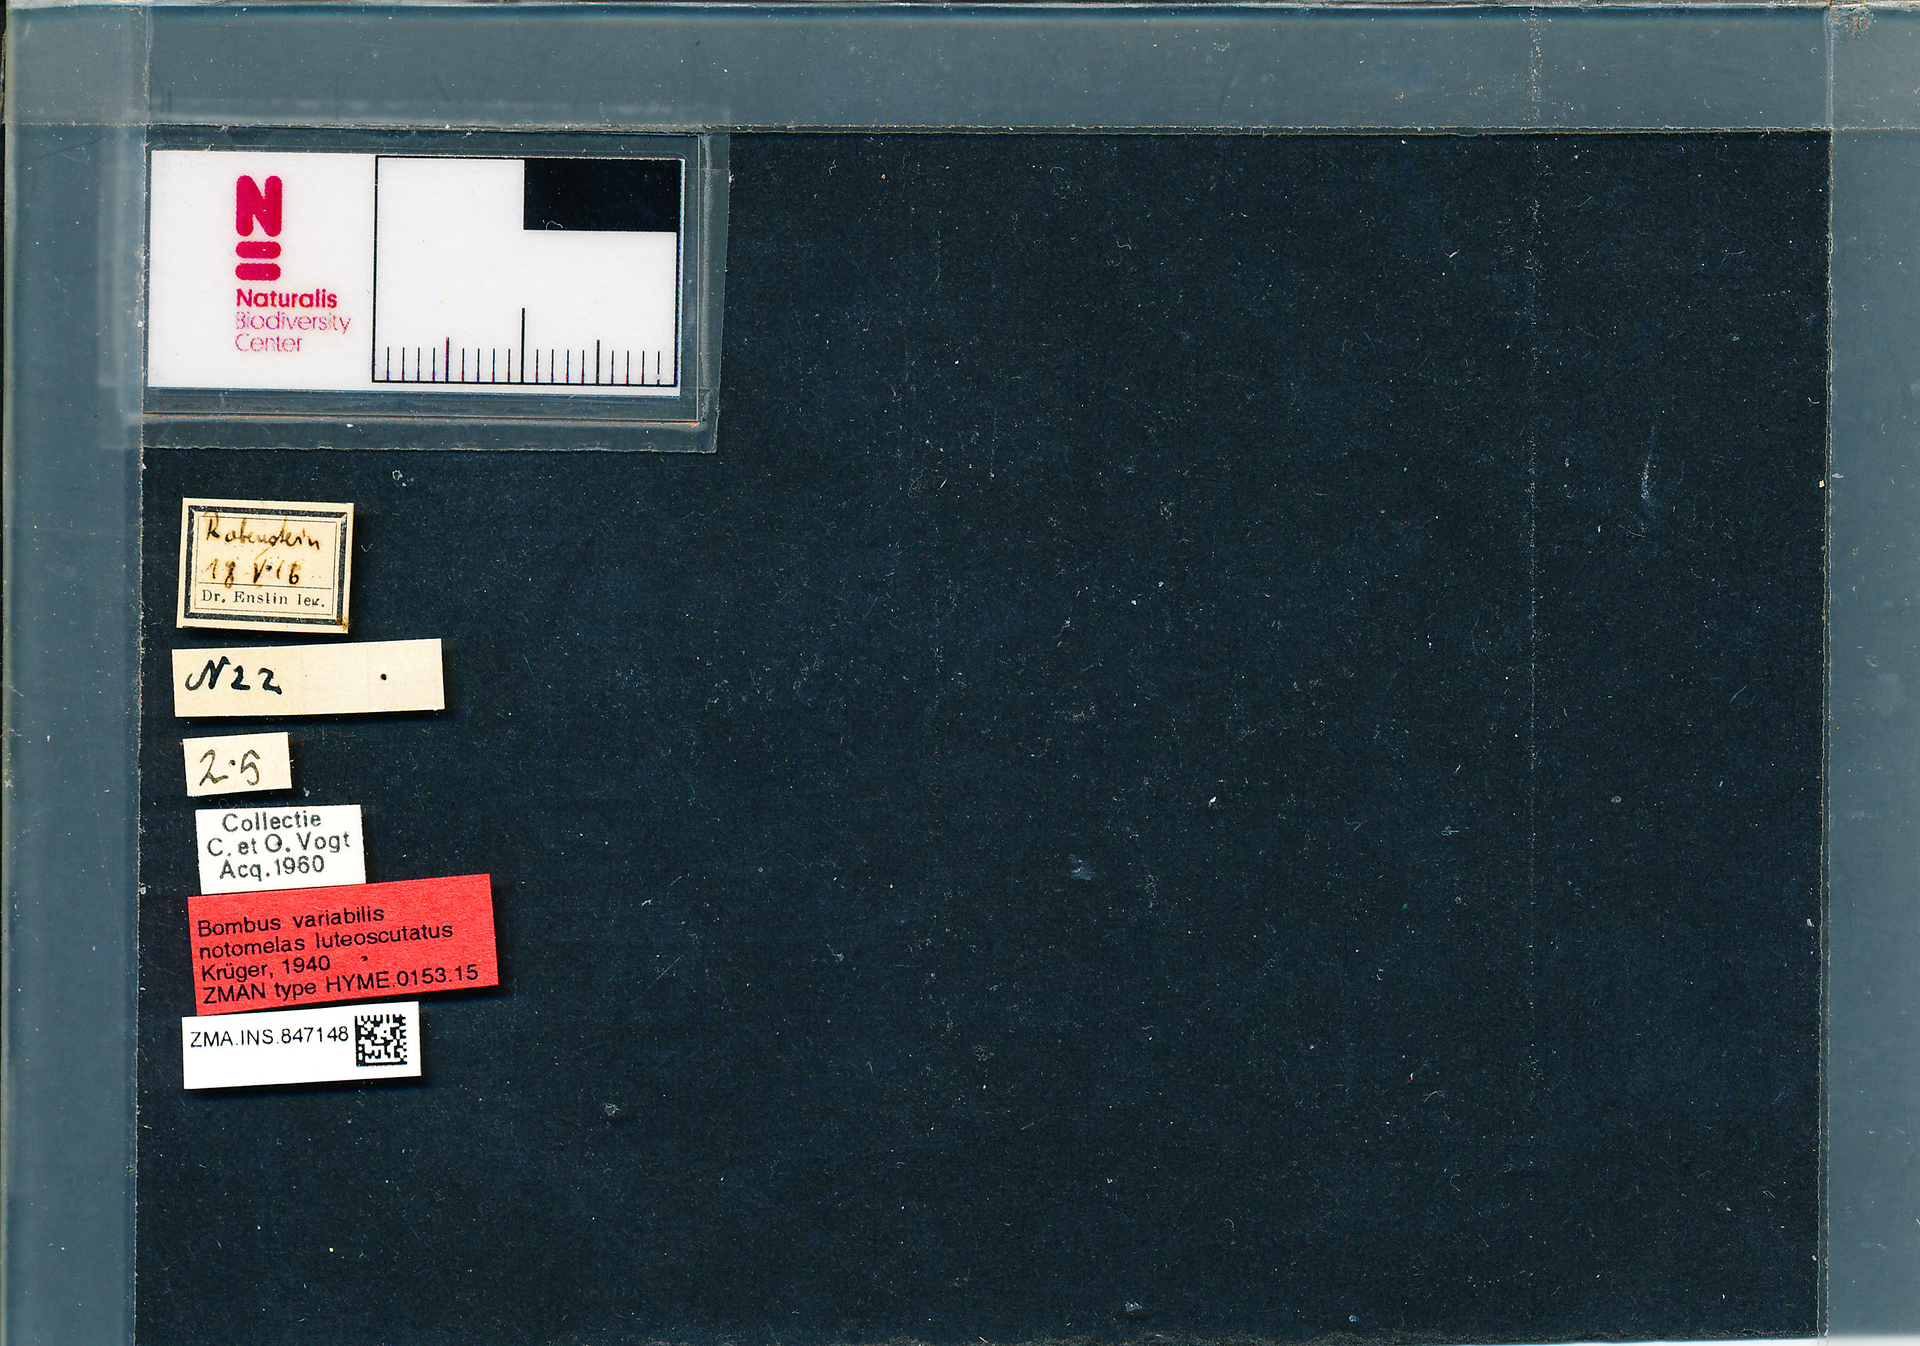 ZMA.INS.847148 | Bombus (Thoracobombus) humilis humilis s.s. Krüger, 1940